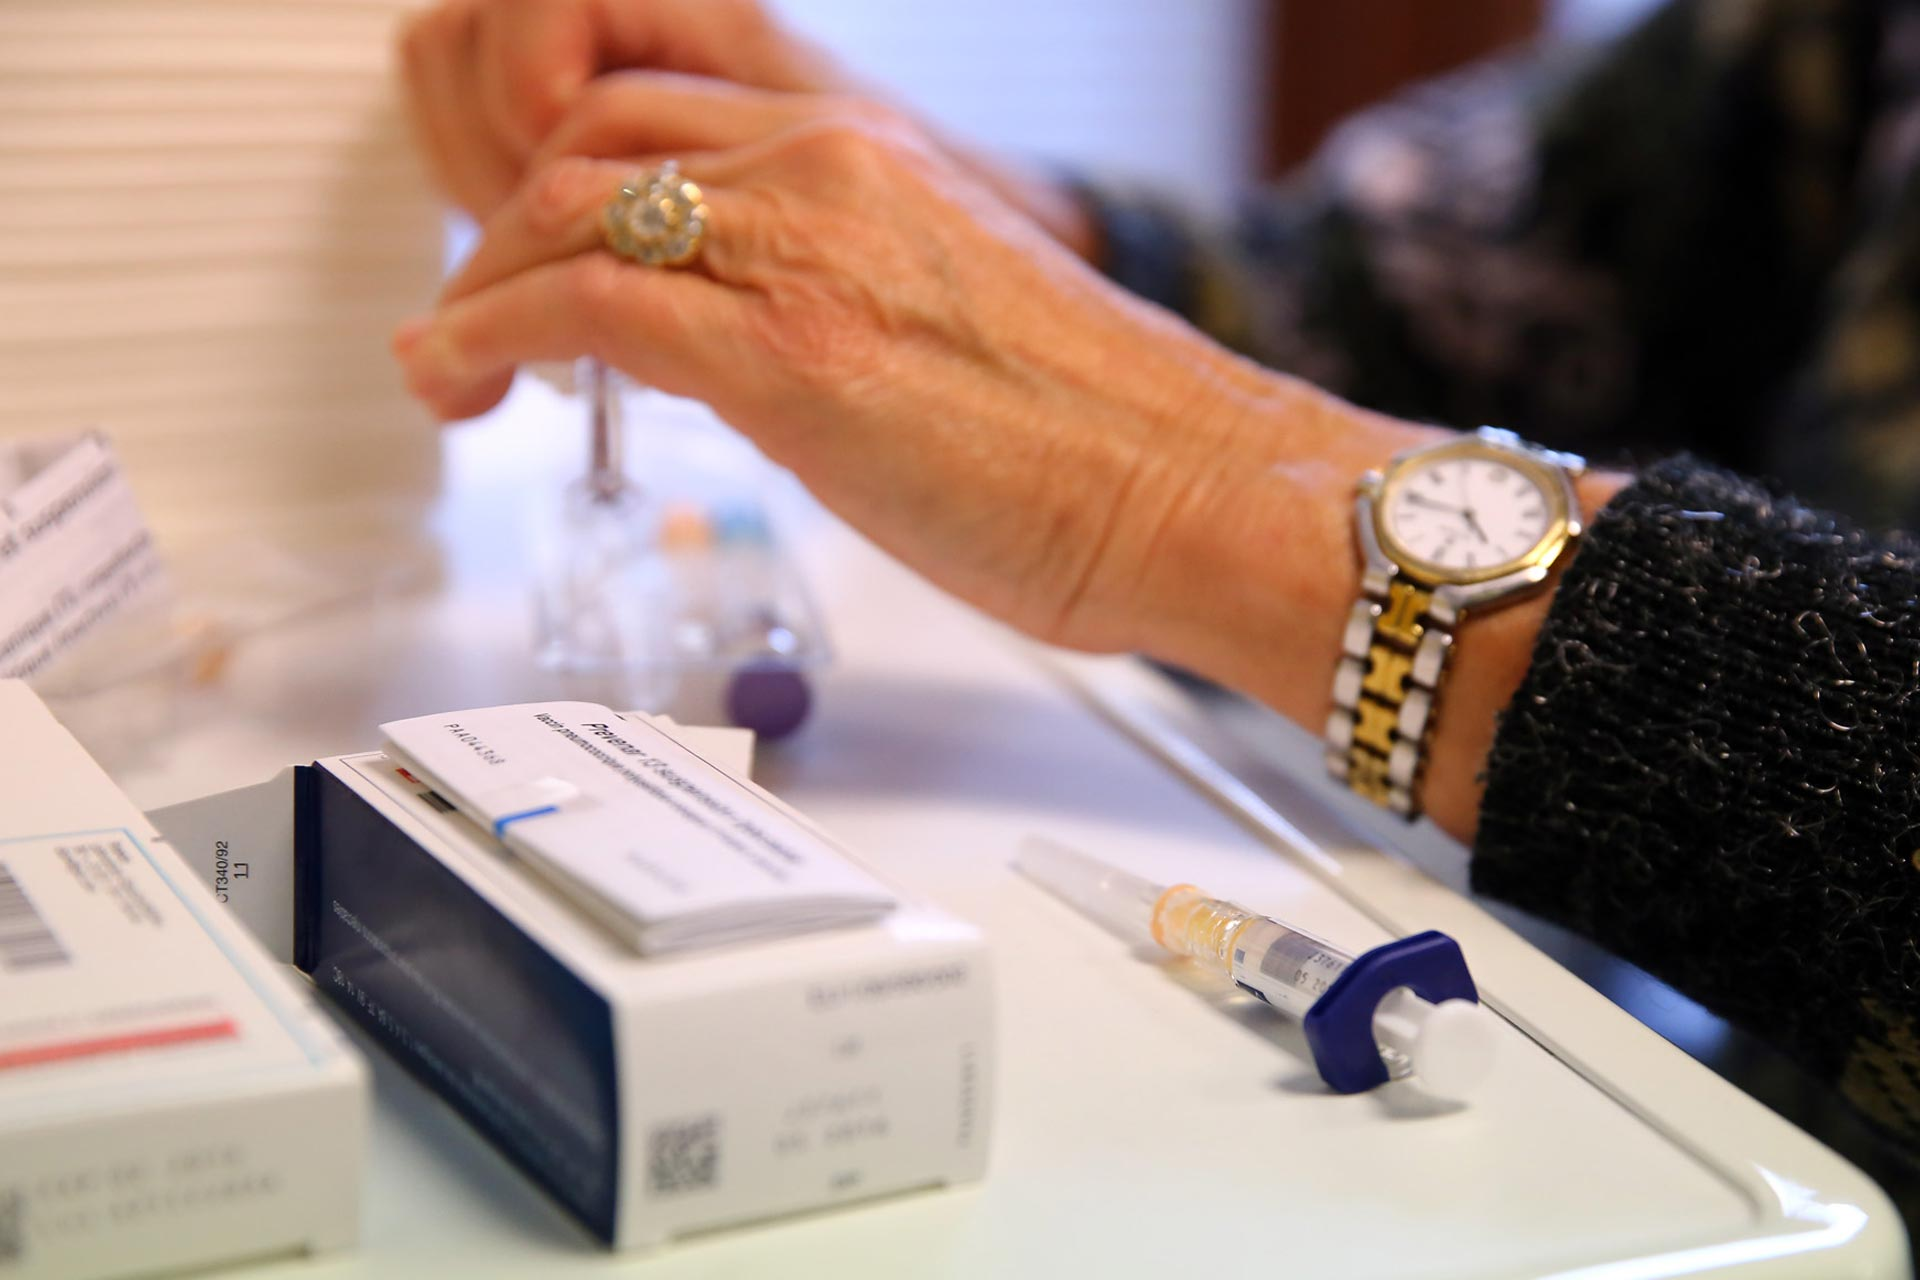 https://www.loire.fr/jcms/lw_1331215/ou-se-faire-vacciner-contre-la-covid-19?xtor=RSS-40